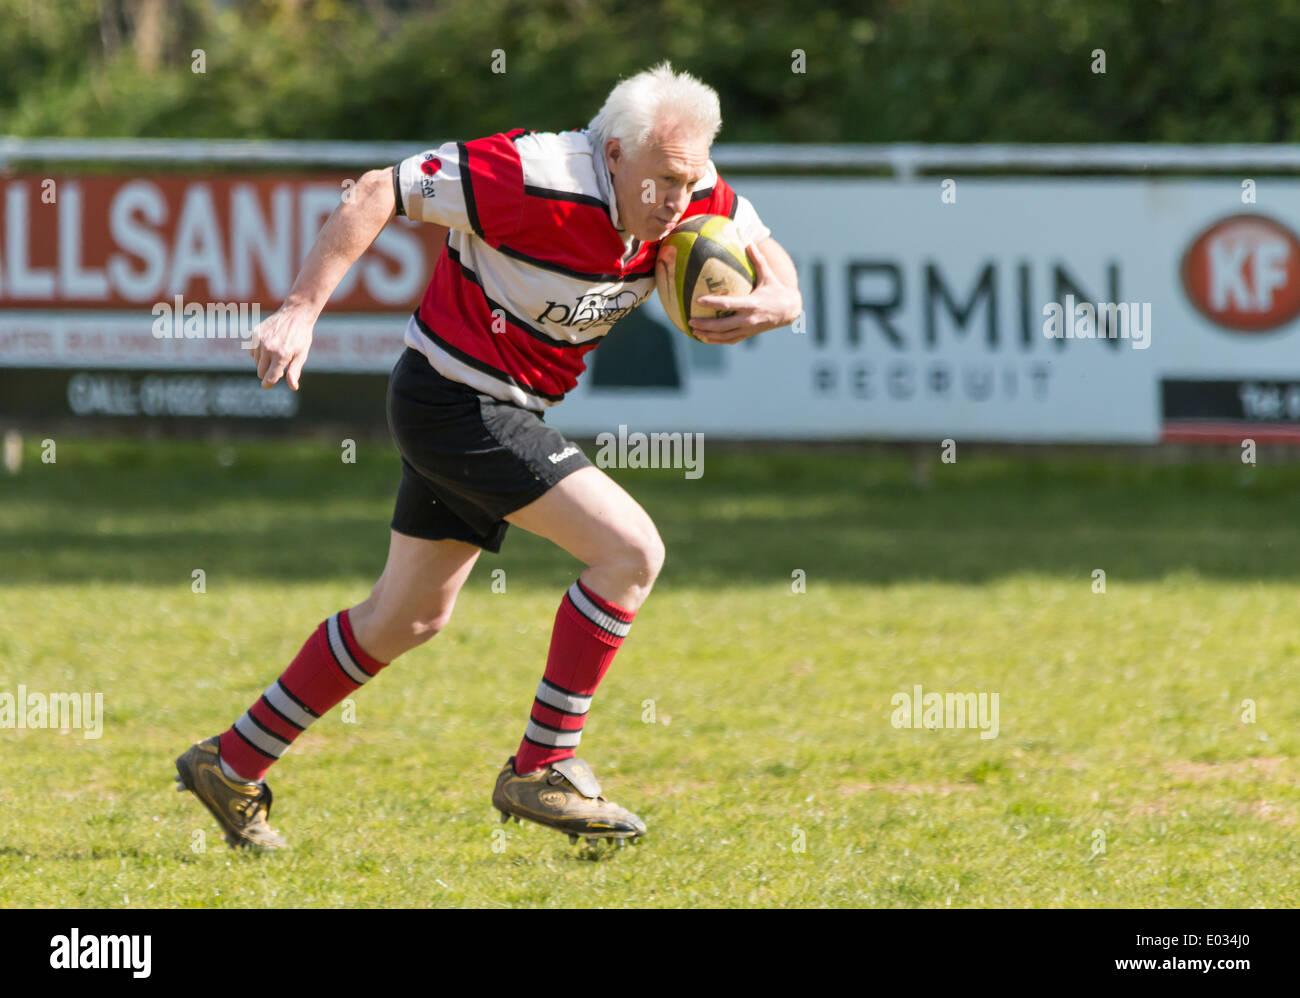 Jugador de rugby maduro corriendo con bola Imagen De Stock